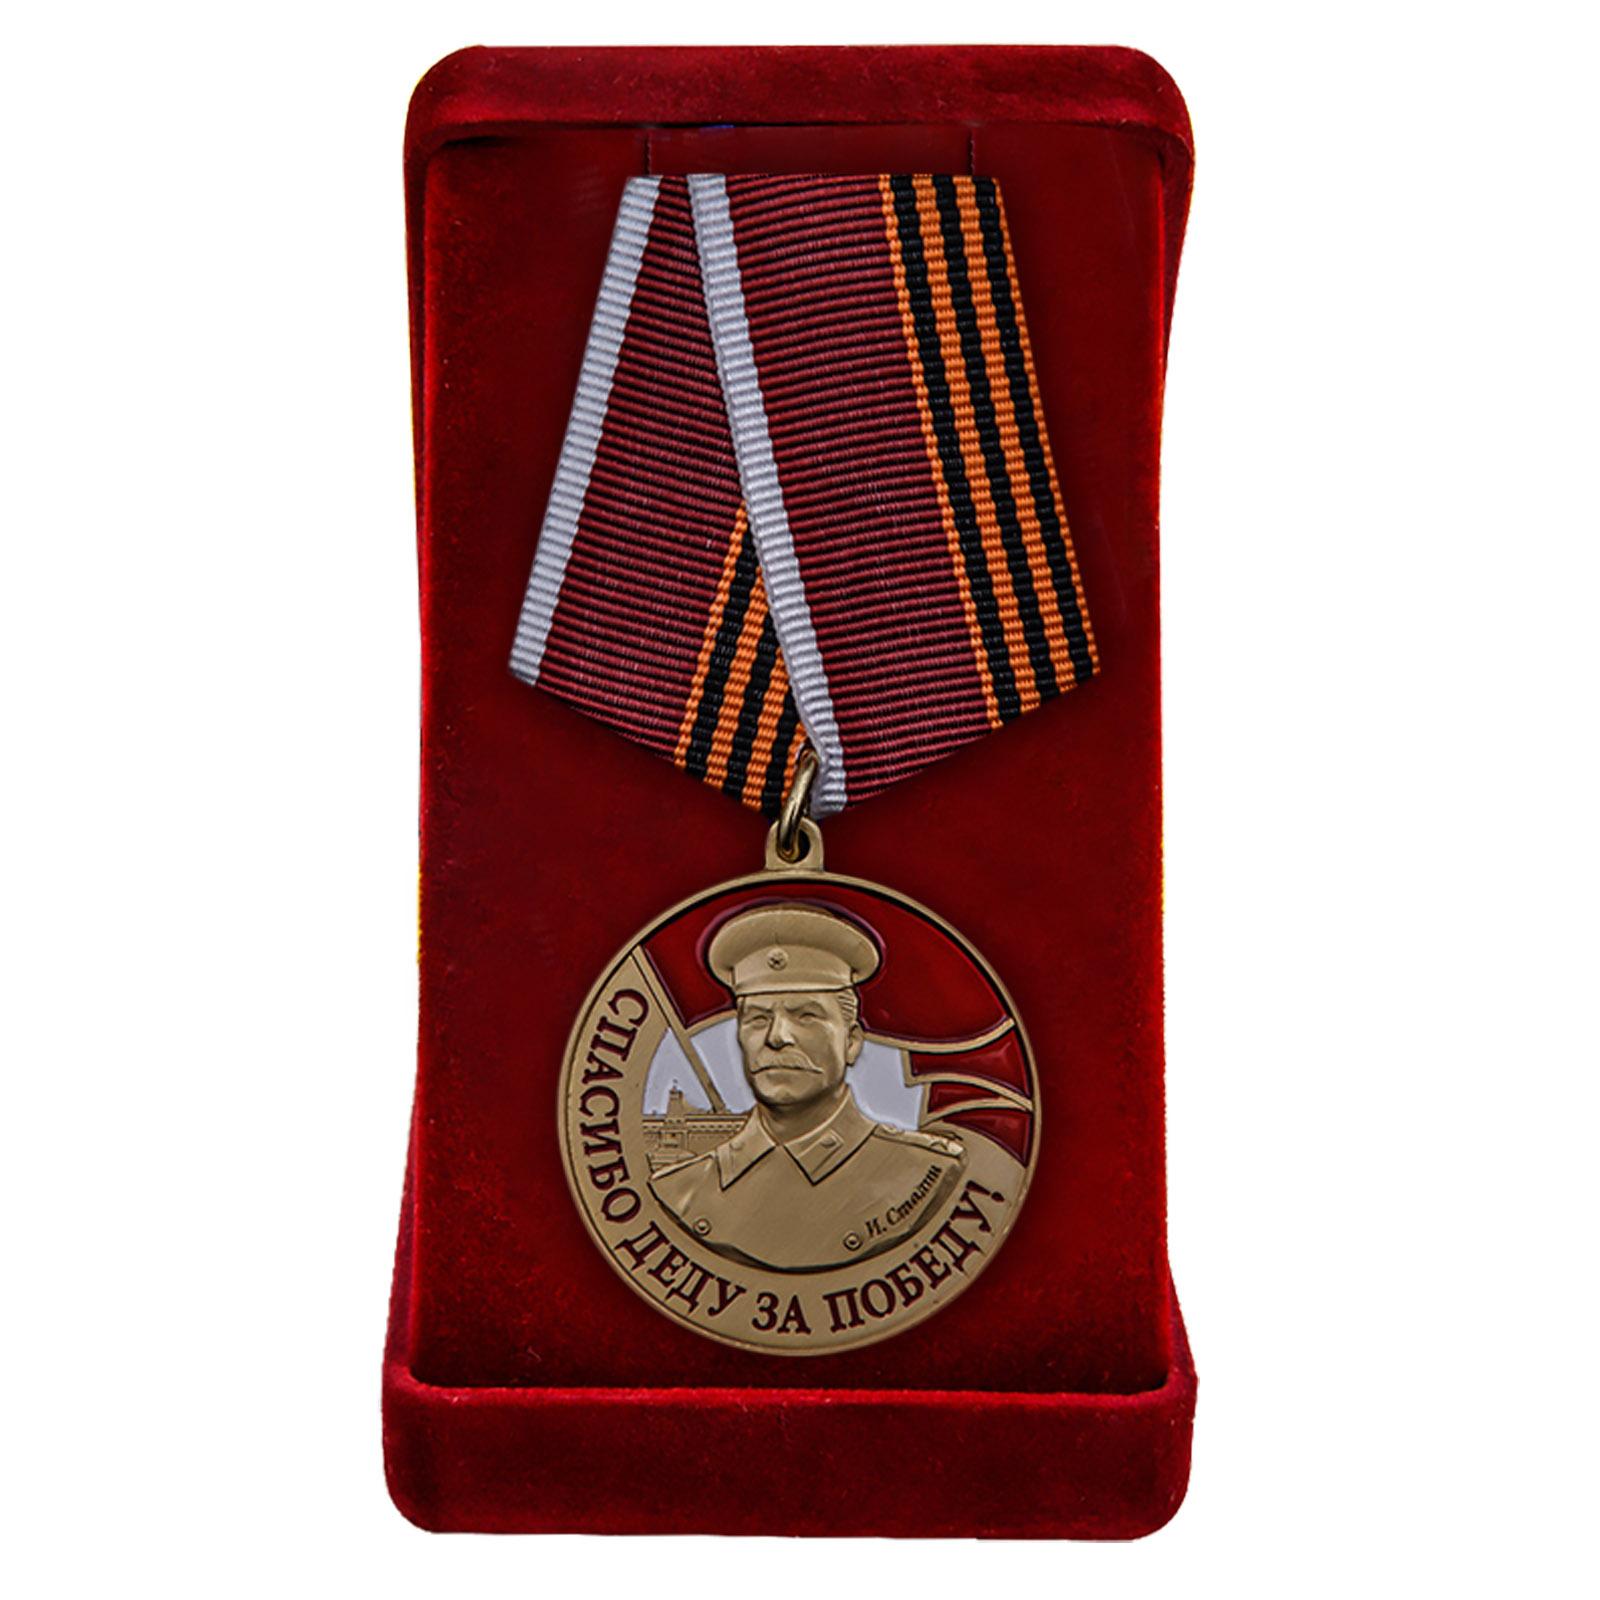 Купить латунную медаль со Сталиным Спасибо деду за Победу выгодно в подарок